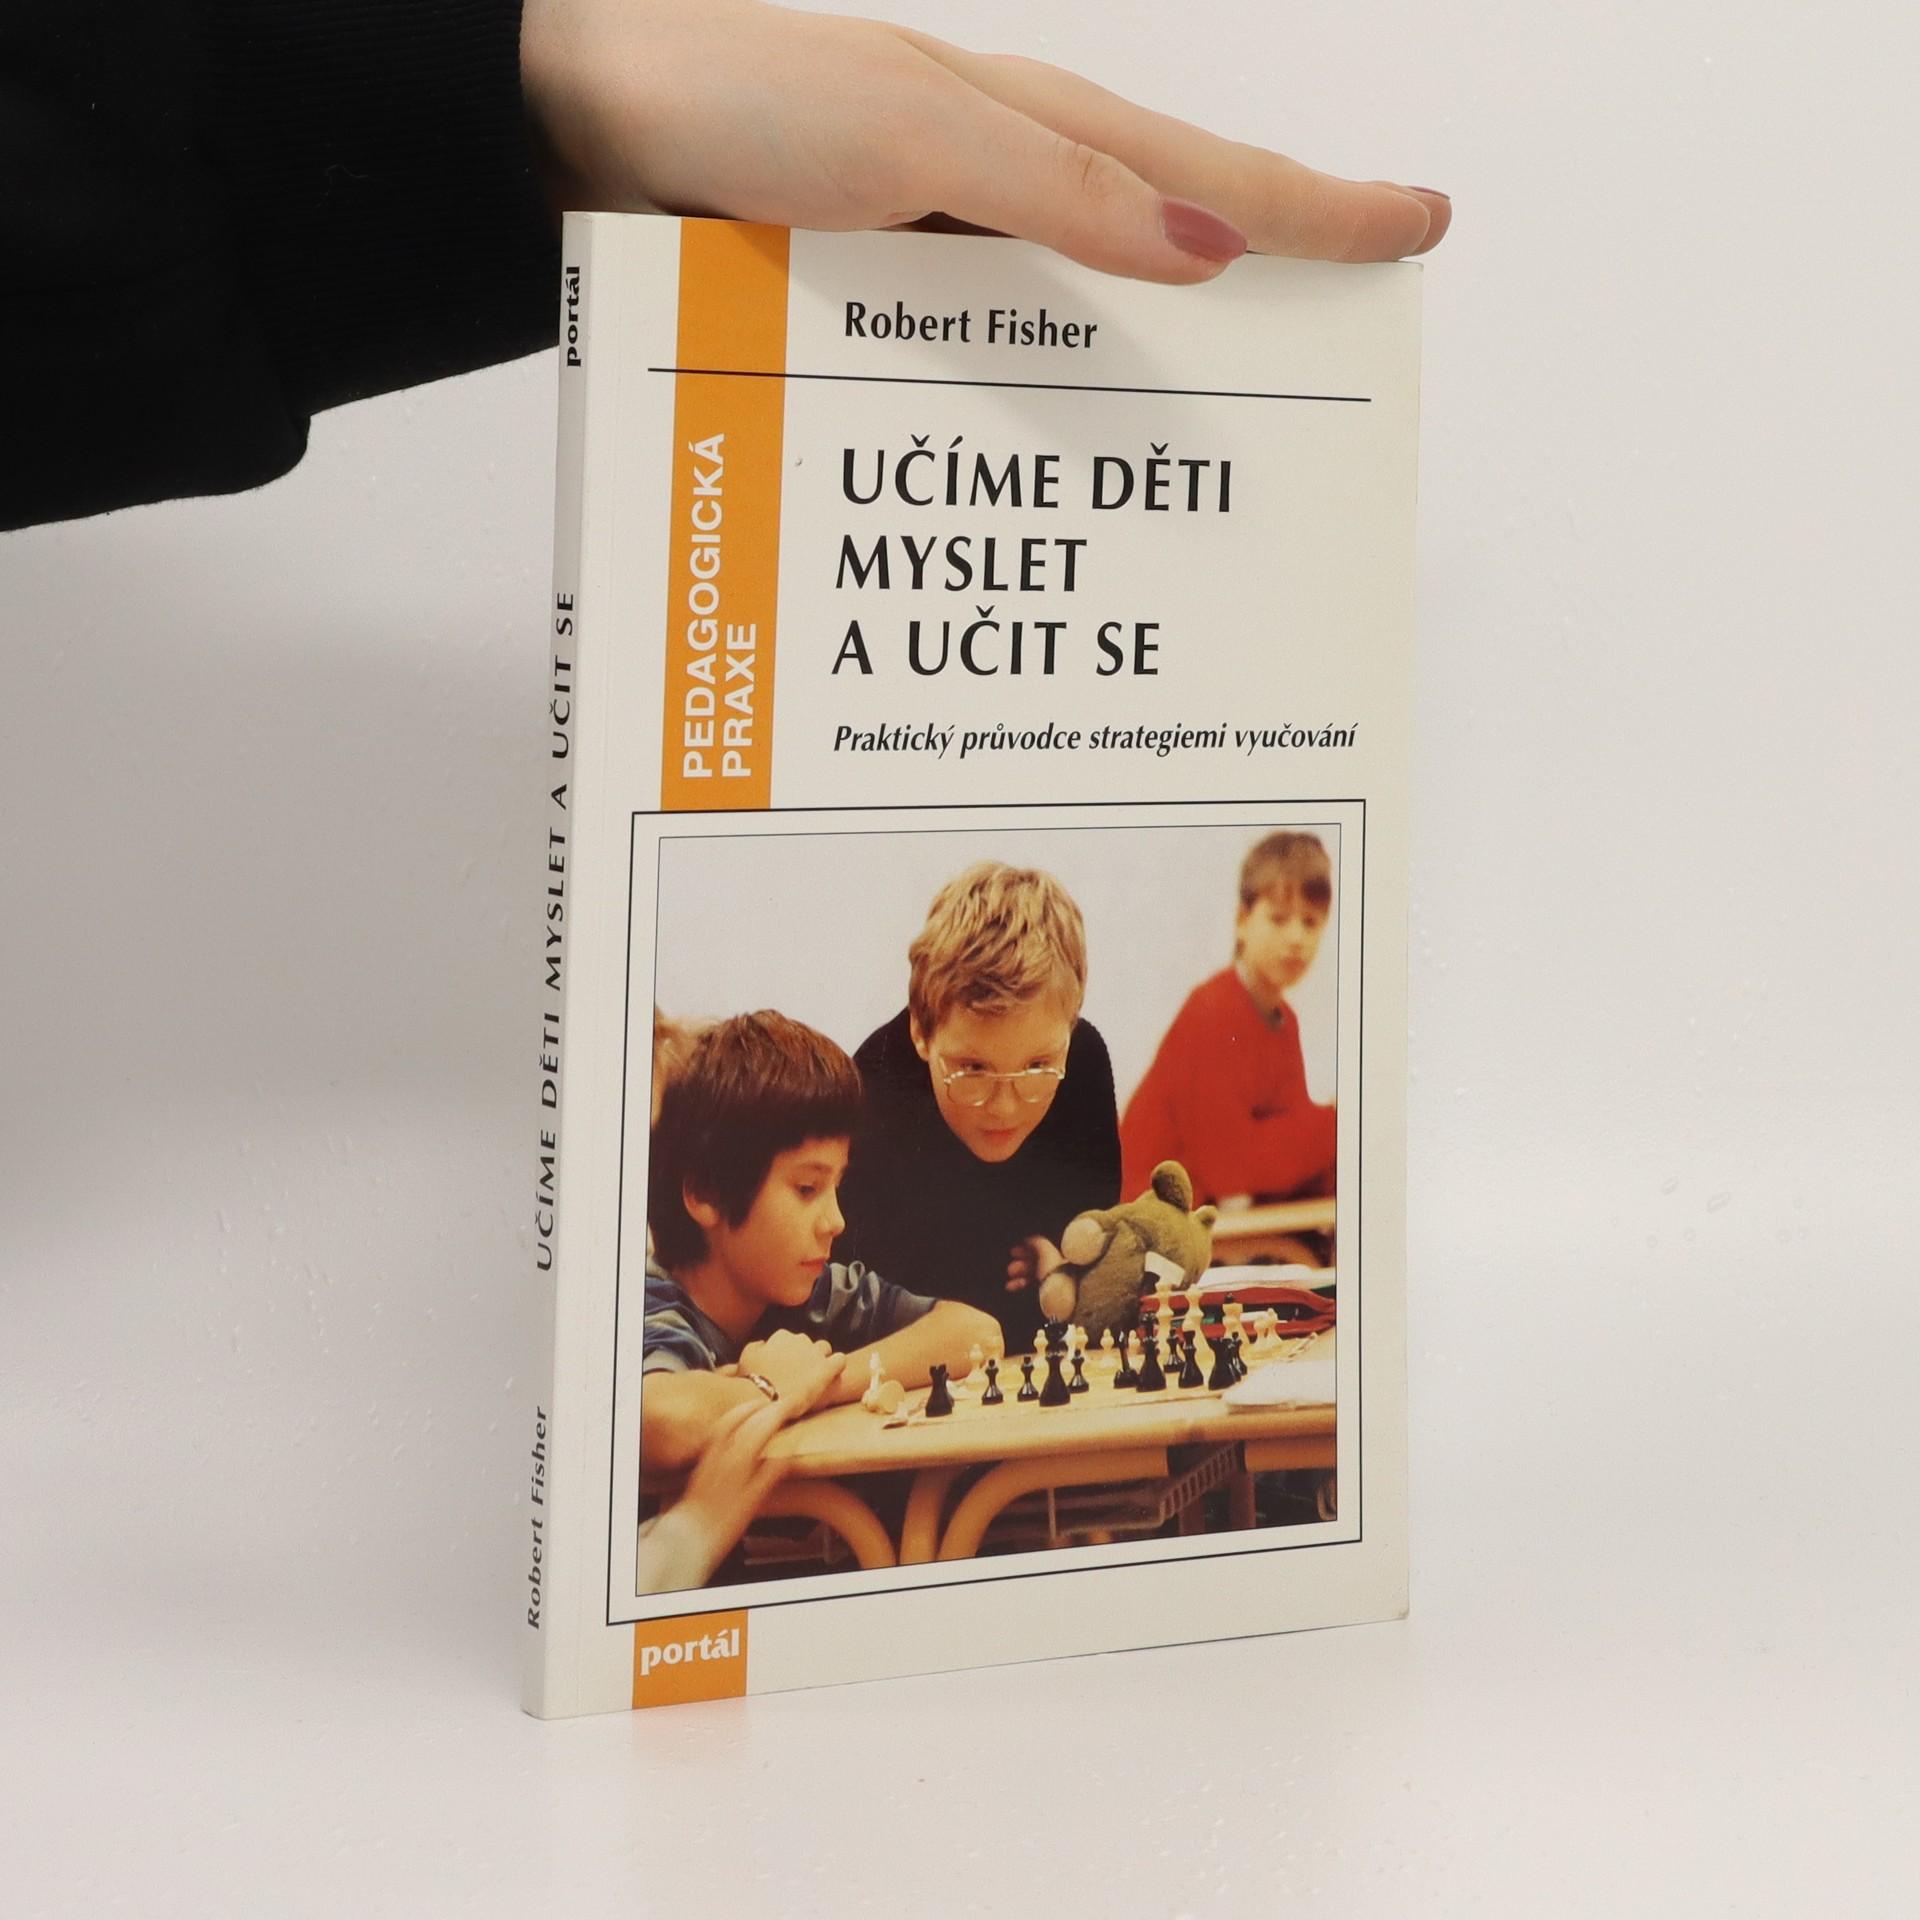 antikvární kniha Učíme děti myslet a učit se : praktický průvodce strategiemi vyučování, 1997